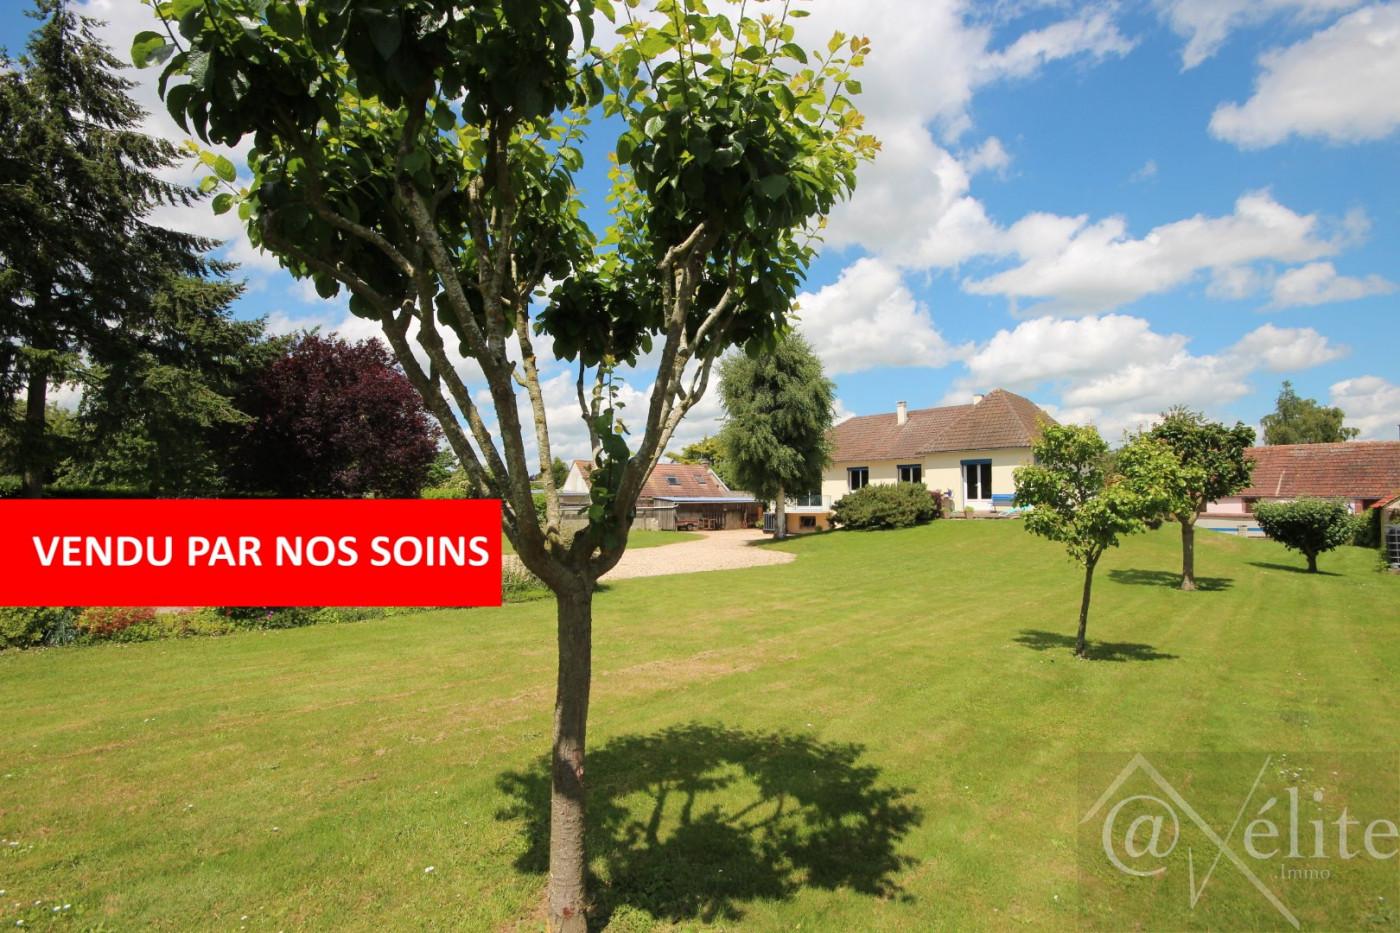 A vendre  Chartres | Réf 77792937 - Axelite sas